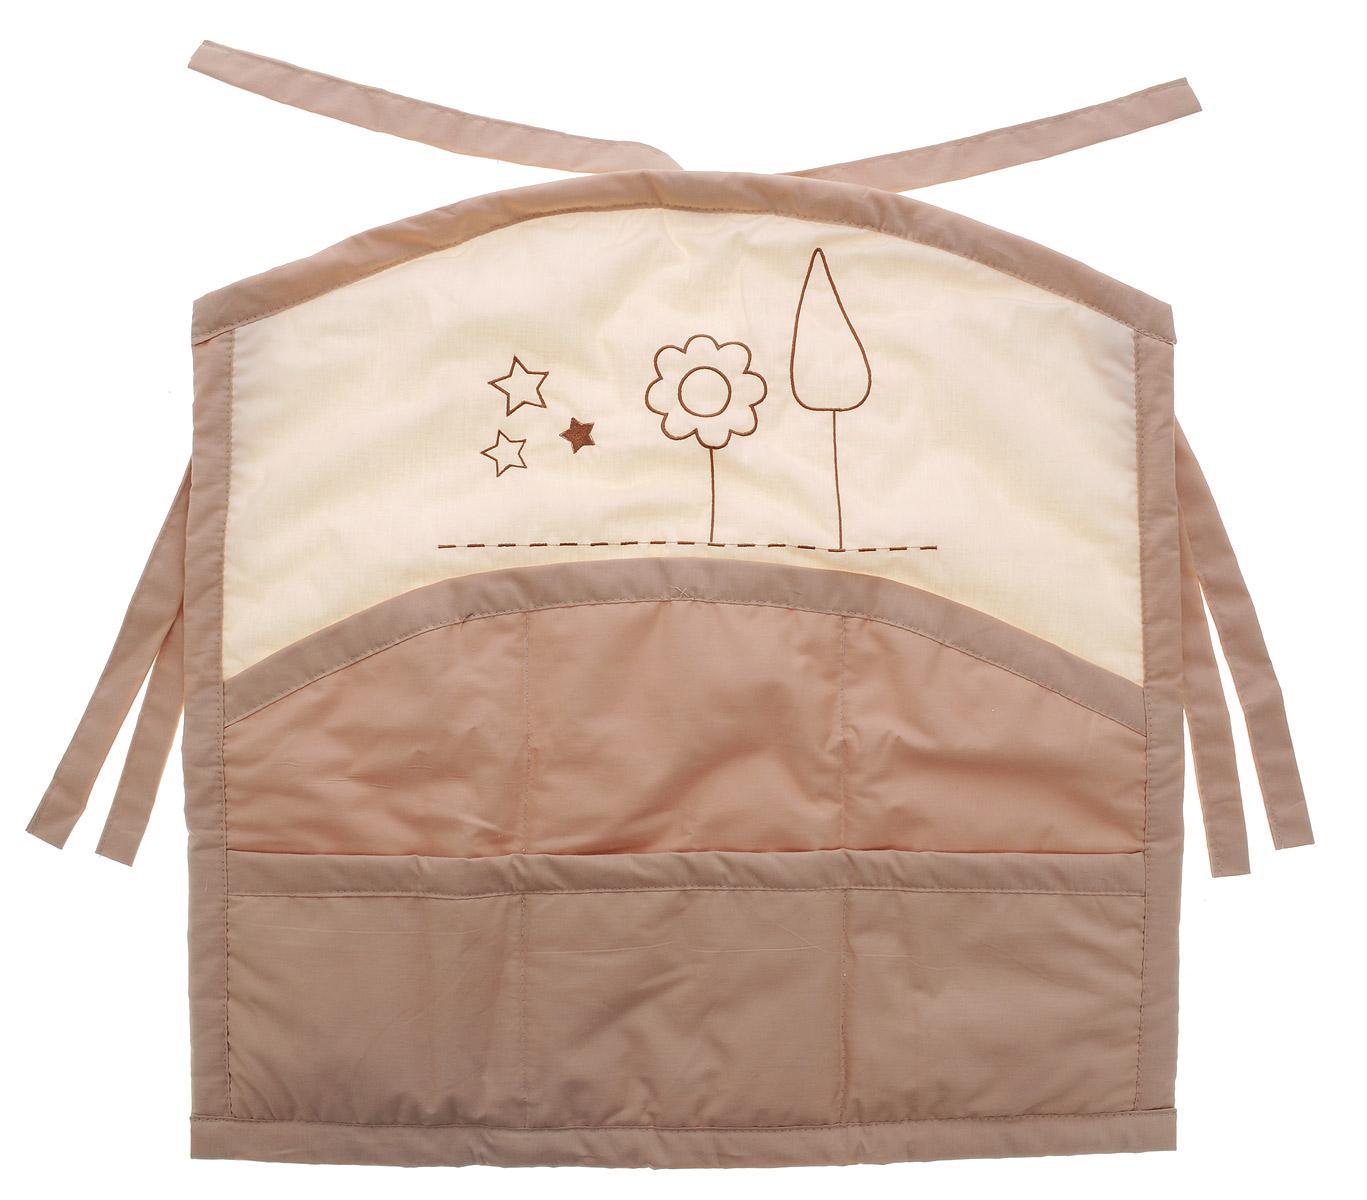 Fairy Карман на кроватку Я и моя мама 57 см х 58 см сумка для пеленок и подгузников fairy я и моя мама цвет бежевый 50 см х 40 см